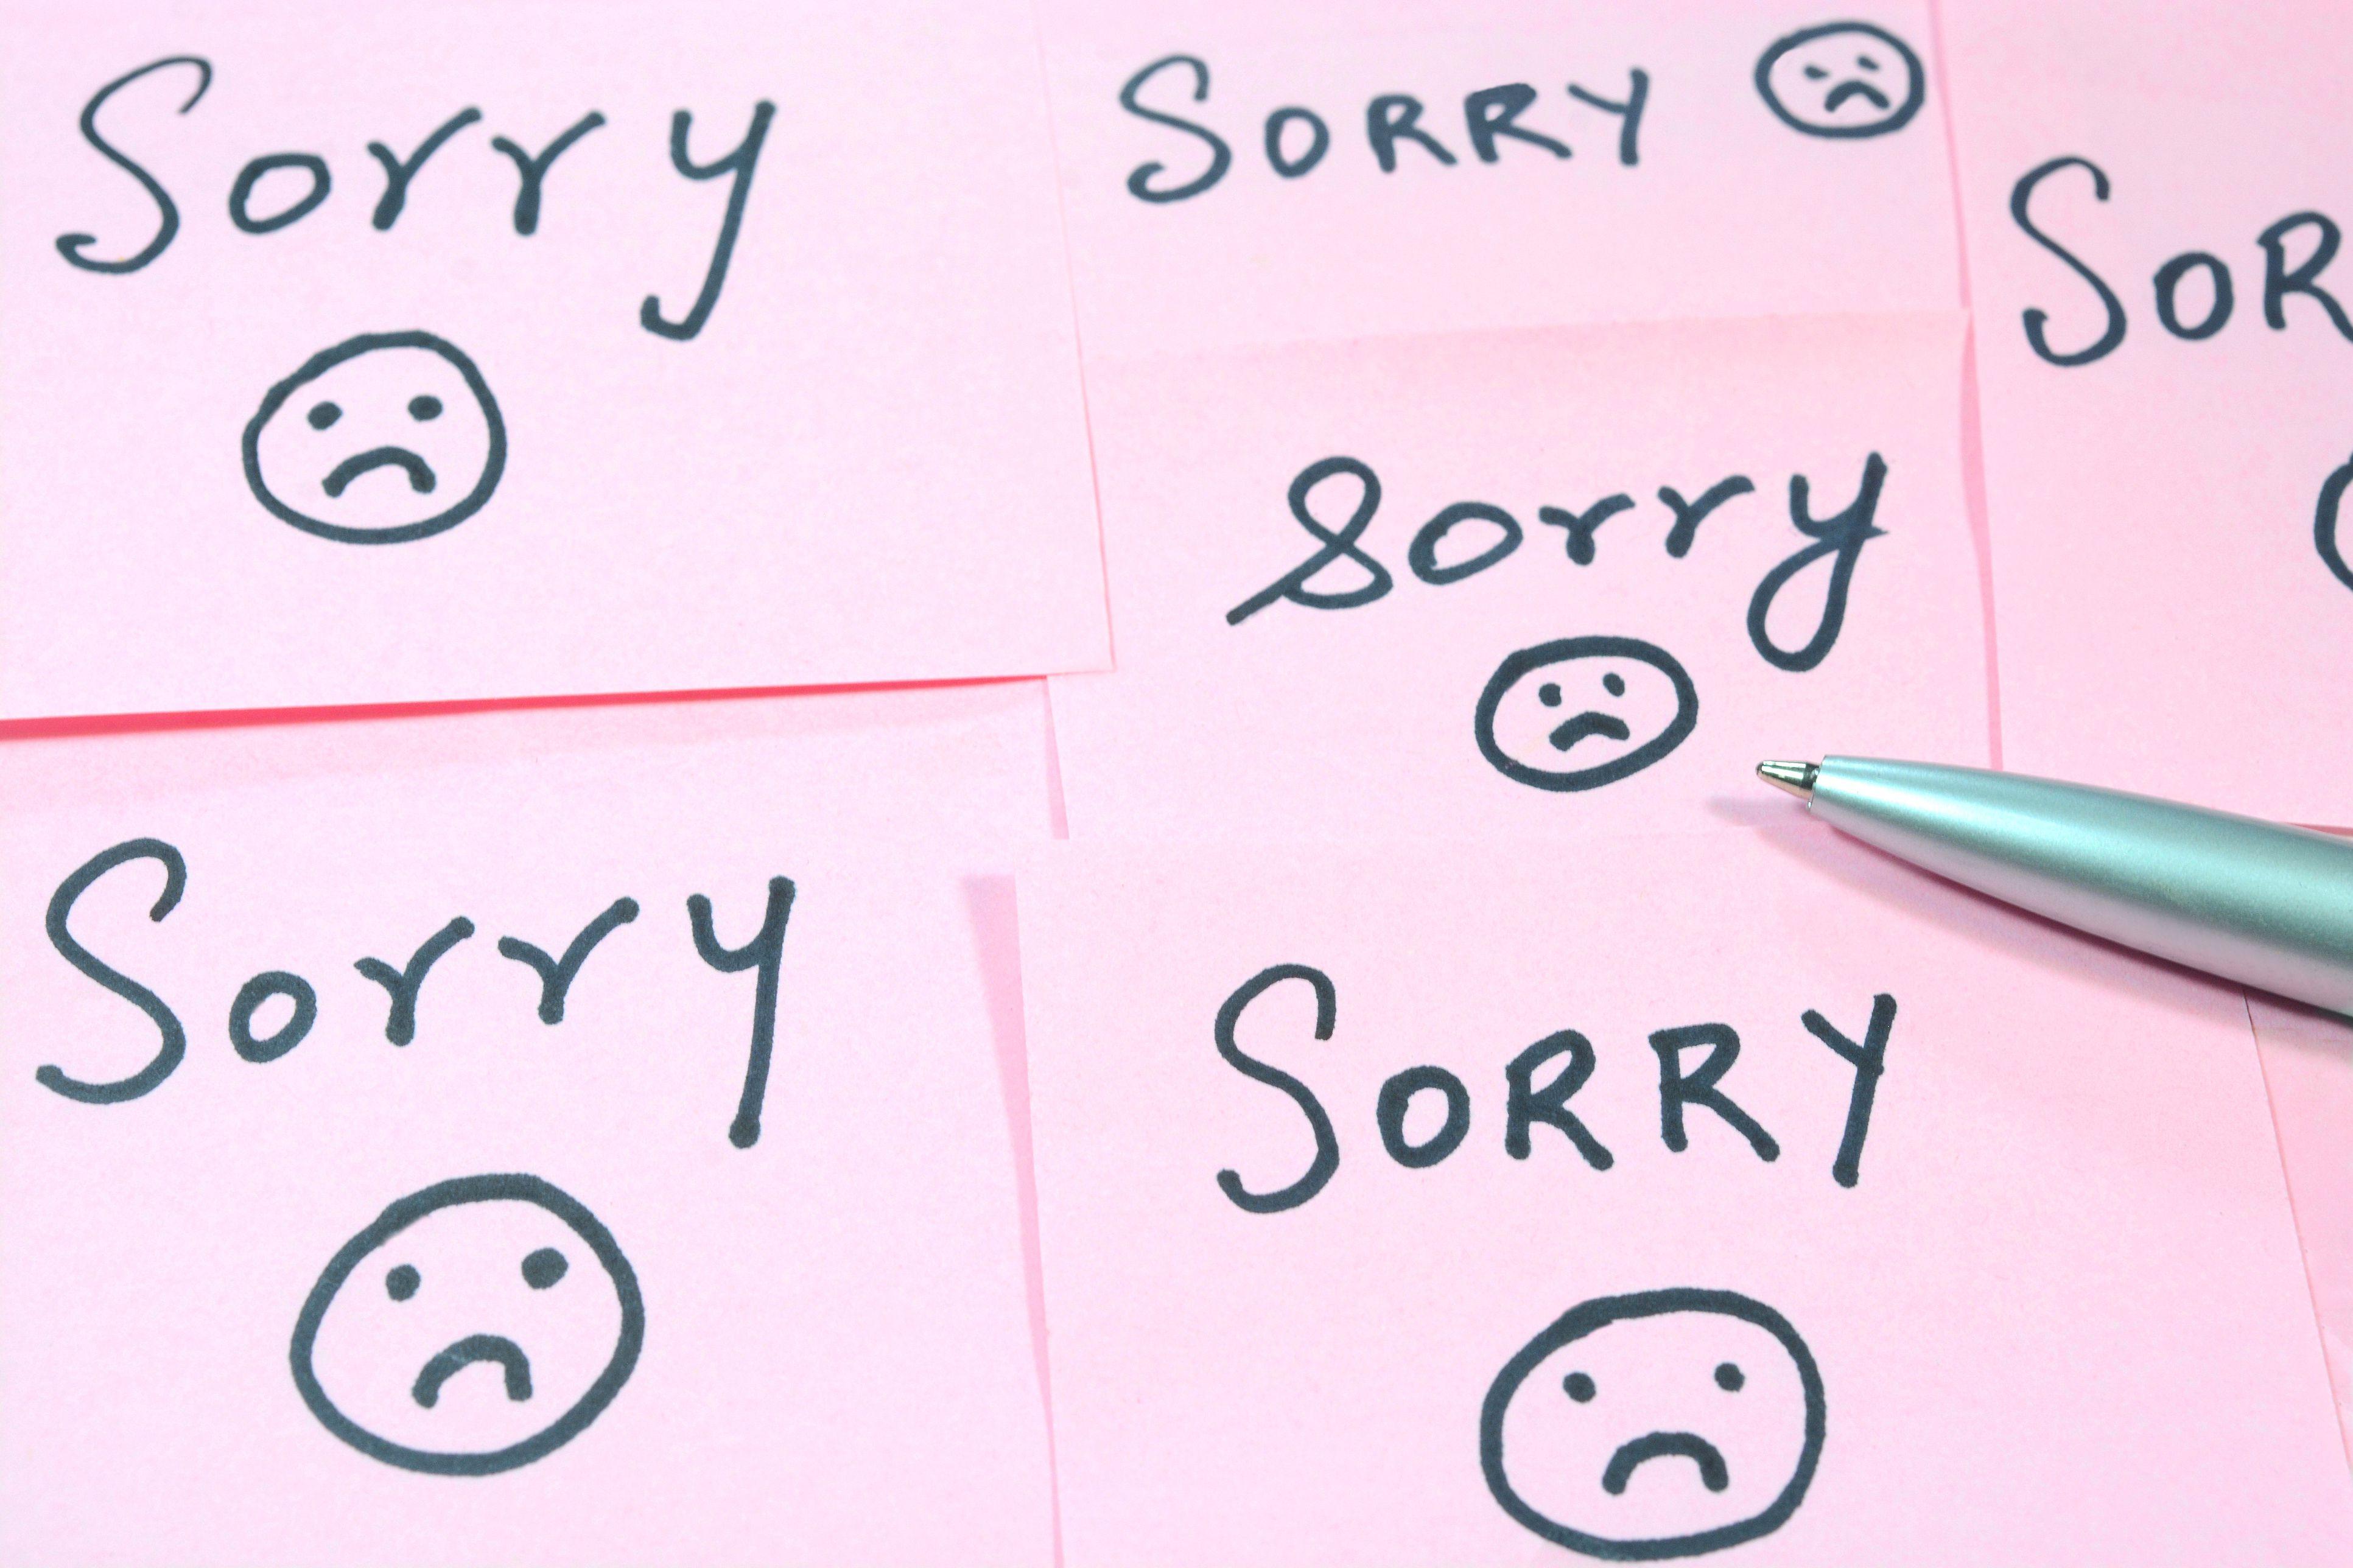 Hình ảnh trang giấy viết các chữ sorry